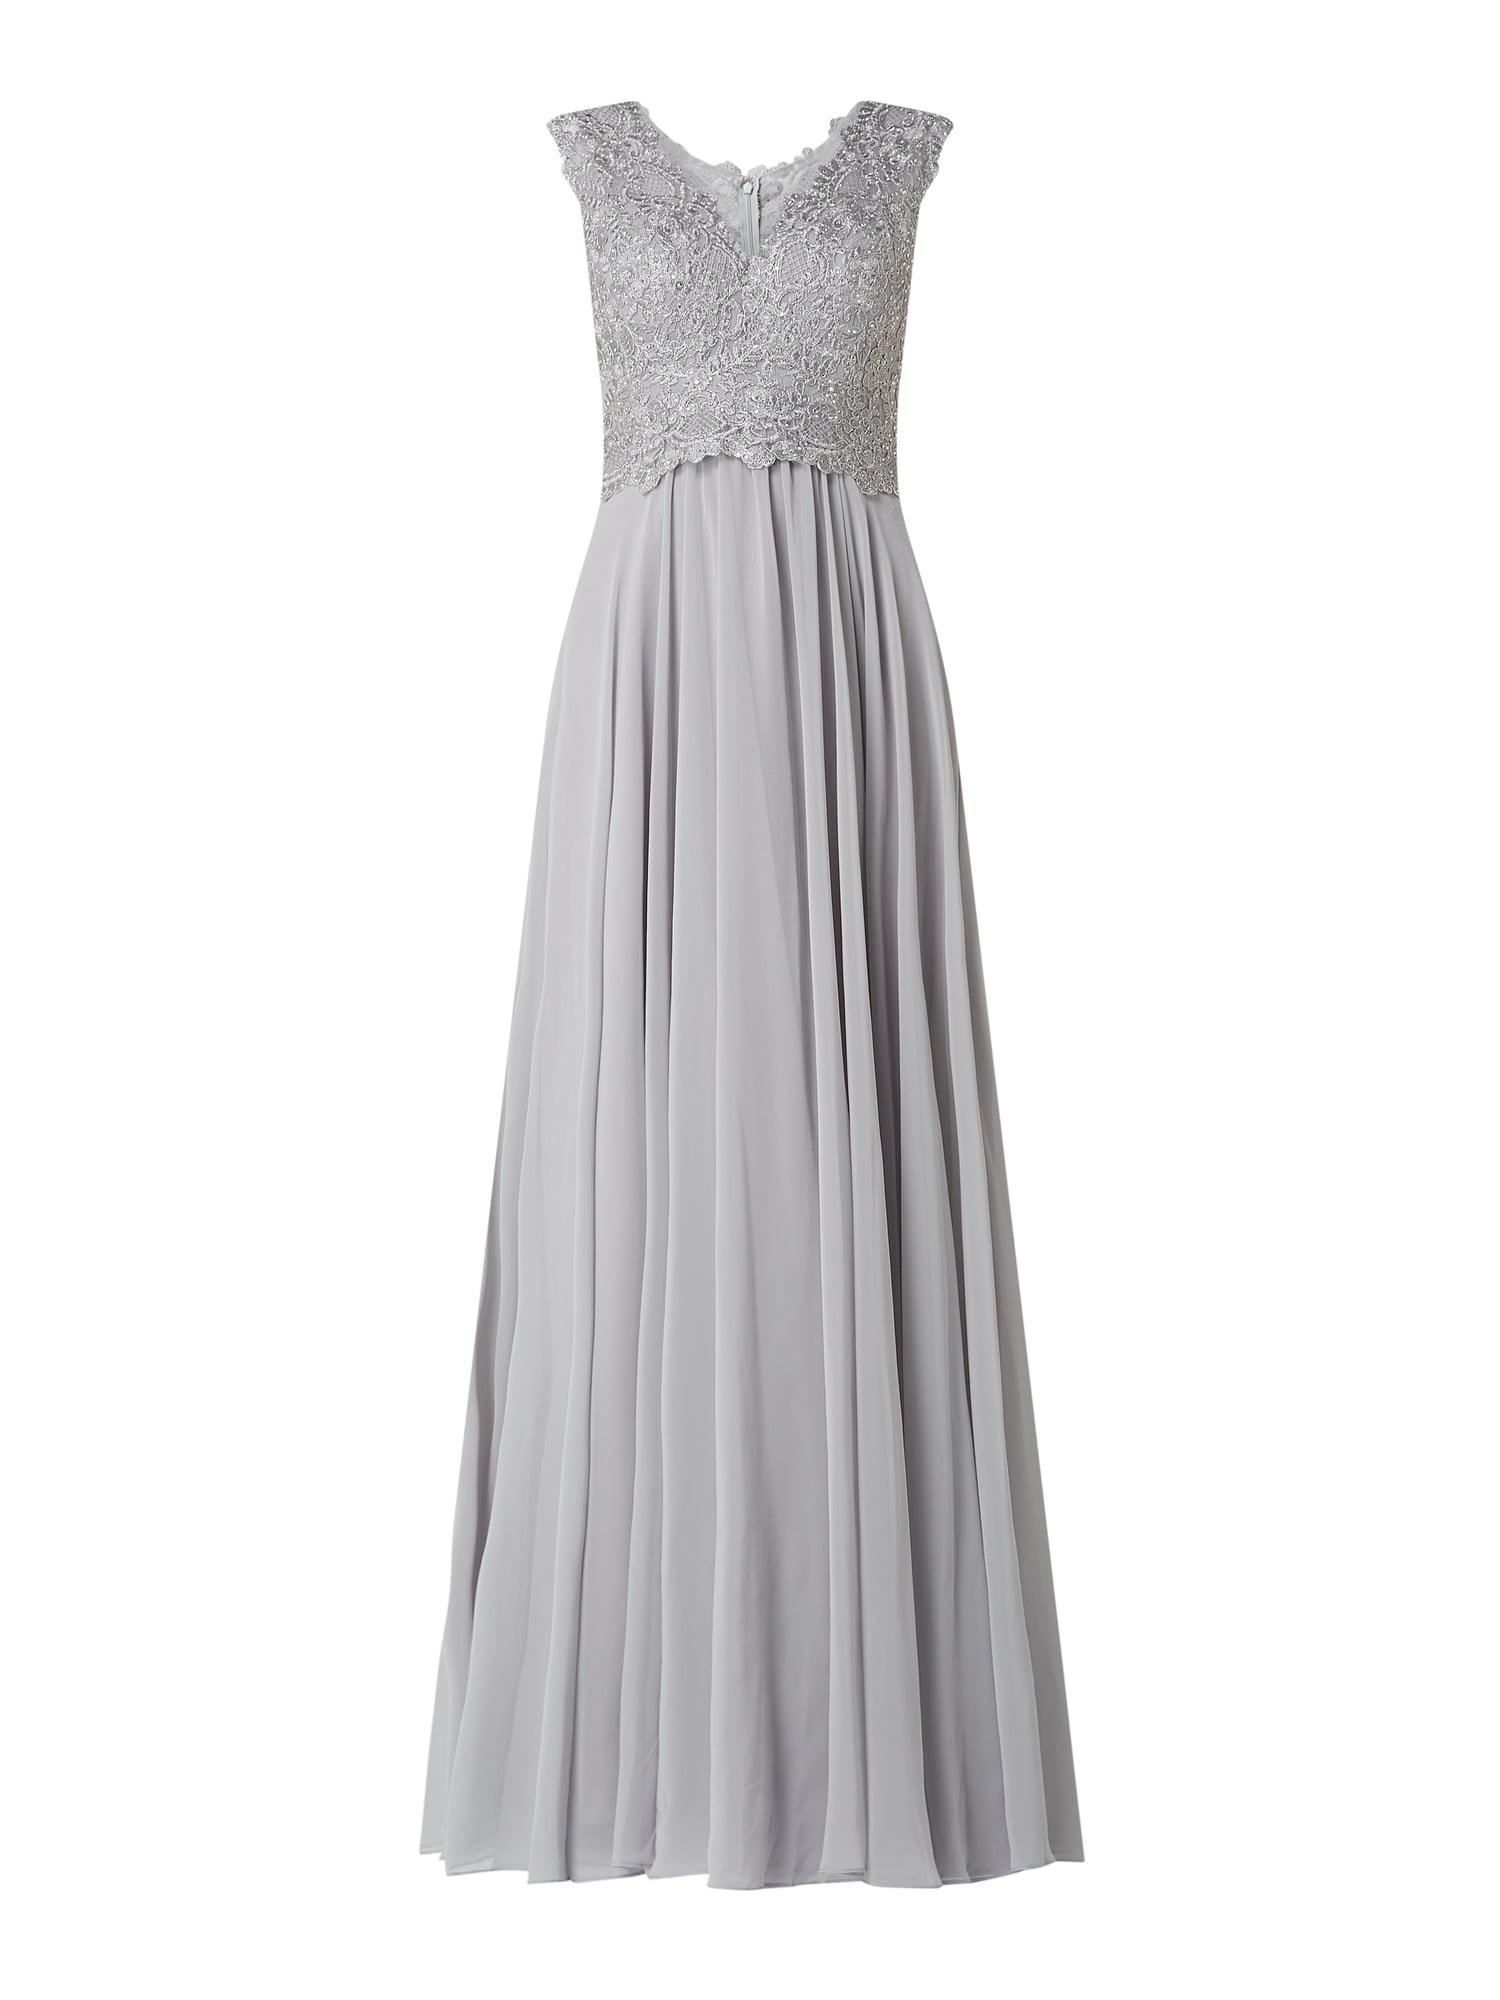 10 Schön Abend Kleid Grau Ärmel20 Erstaunlich Abend Kleid Grau Design